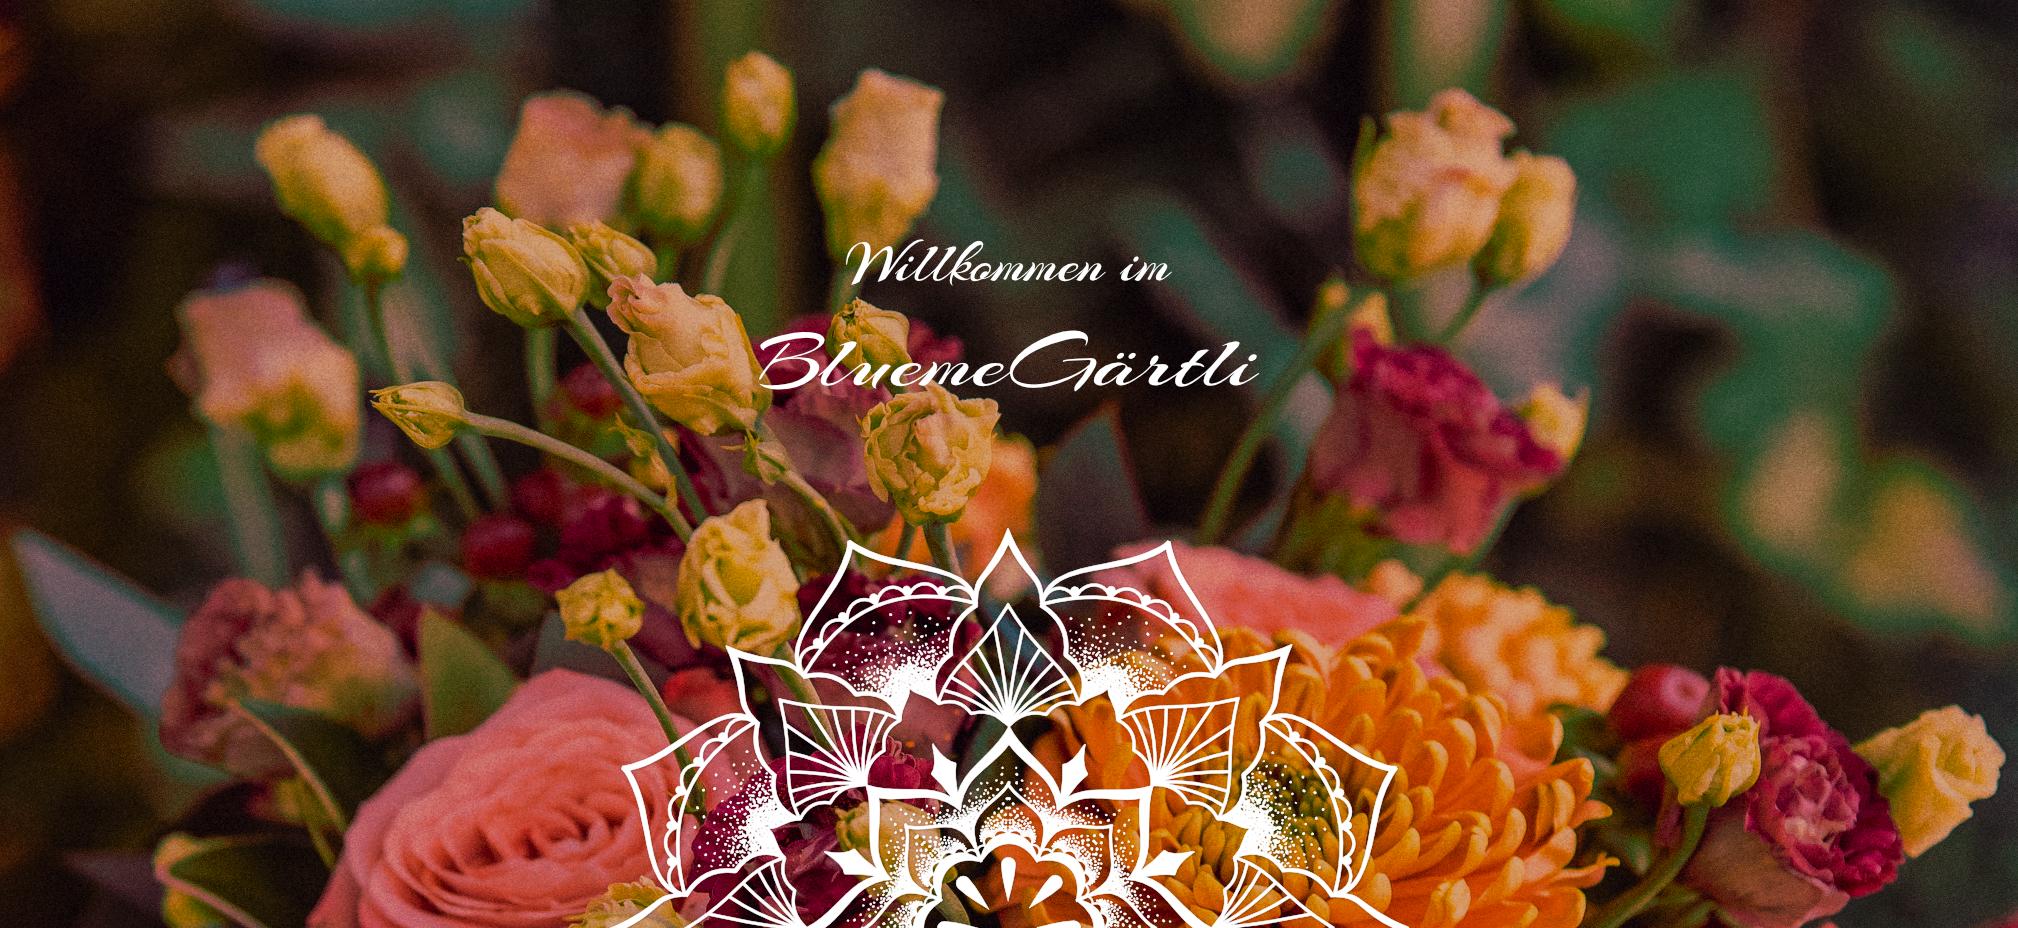 Titelseite Geschäft für Floristik & Blumen in Magden Rheinfelden, online bestellen oder anfragen